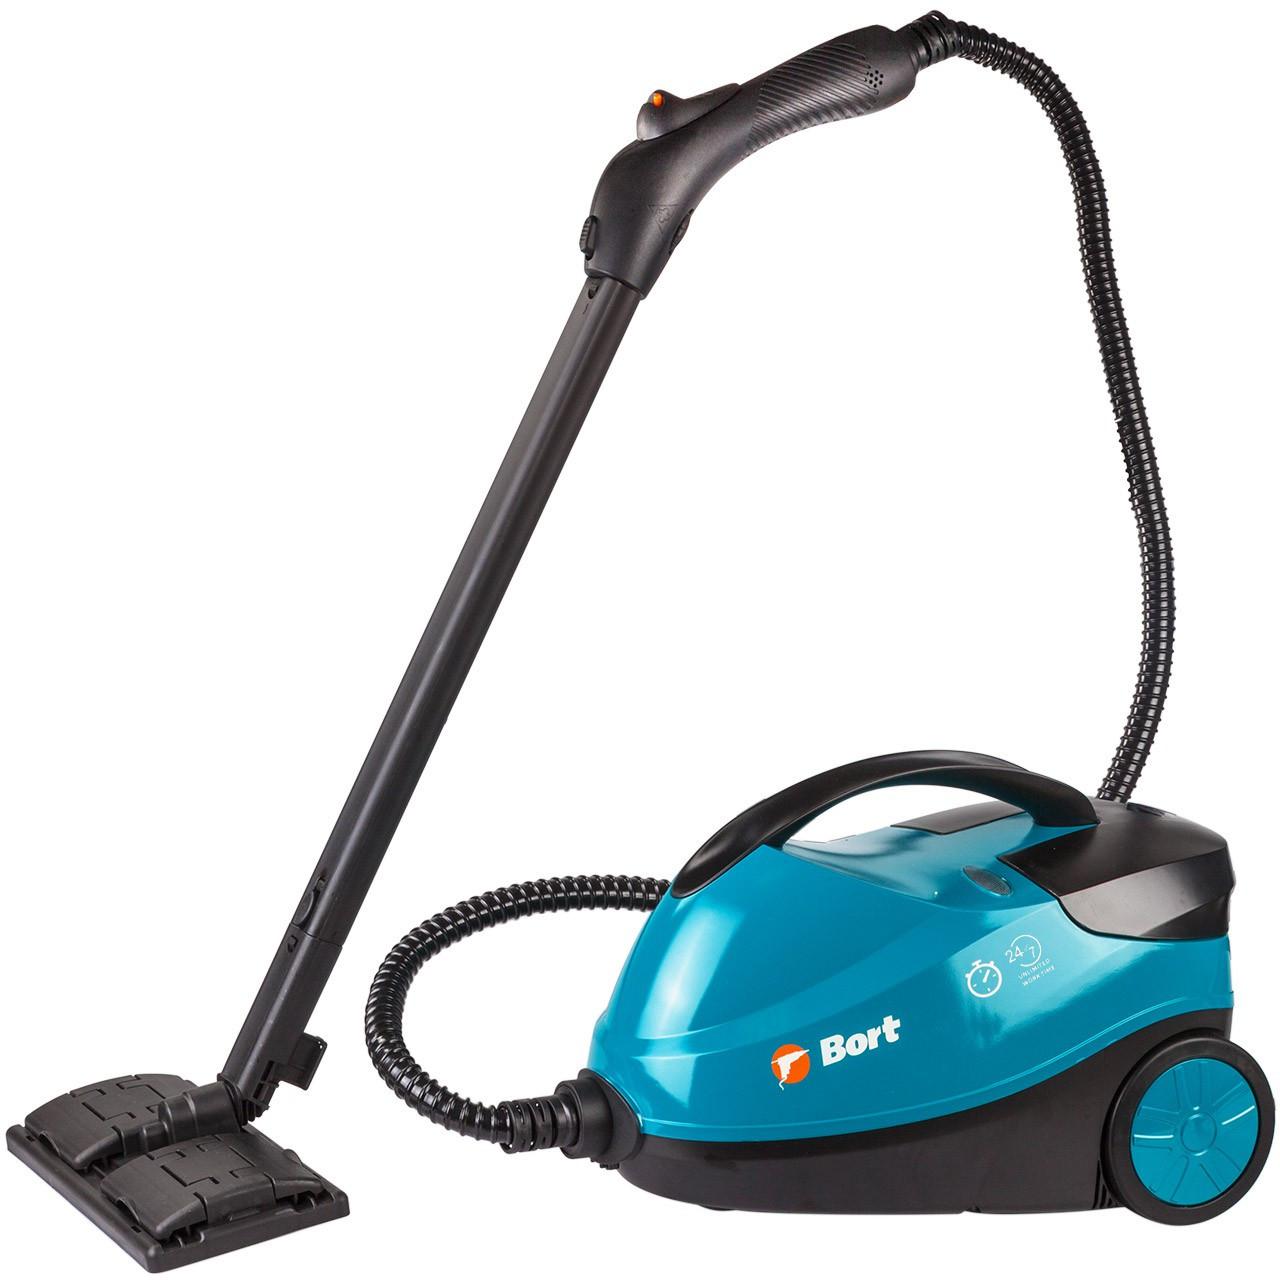 Домашний пароочиститель Bort BDR-2500-RR, 2200 Вт, 4бар, 143°C, 1,5л, 5,2кг, индикатор нагрева, насадки 12 ед.